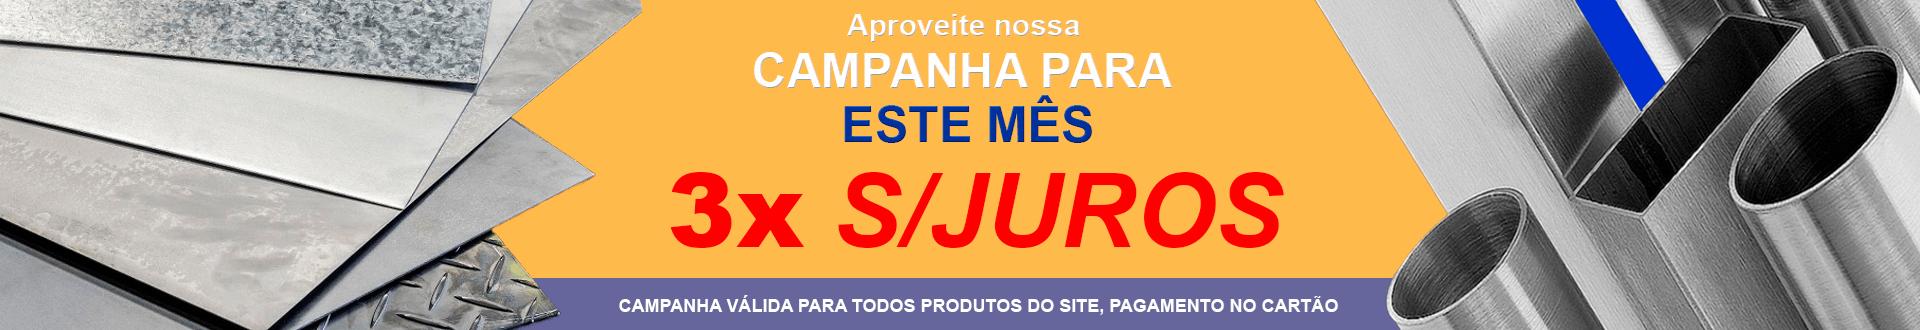 2019-09-25-banner-1920x330-fundo-laranja---desconto-CAMPANHA-PARA-ESTE-MÊS-3-X-SEM-JUROS